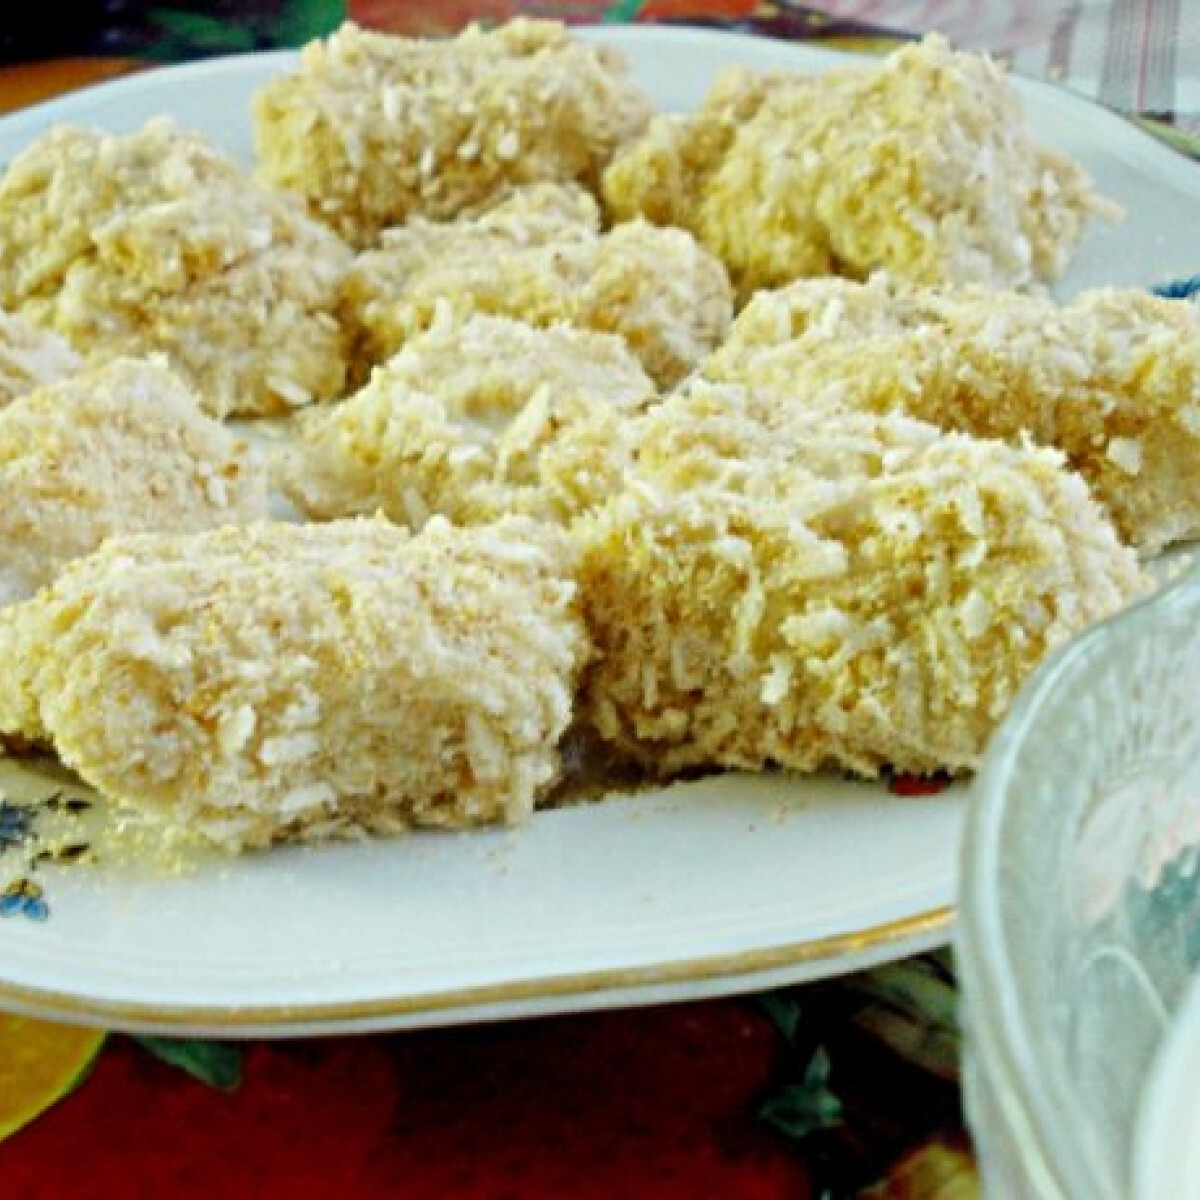 Ezen a képen: Kókuszos zabkásamorzsa diétásan